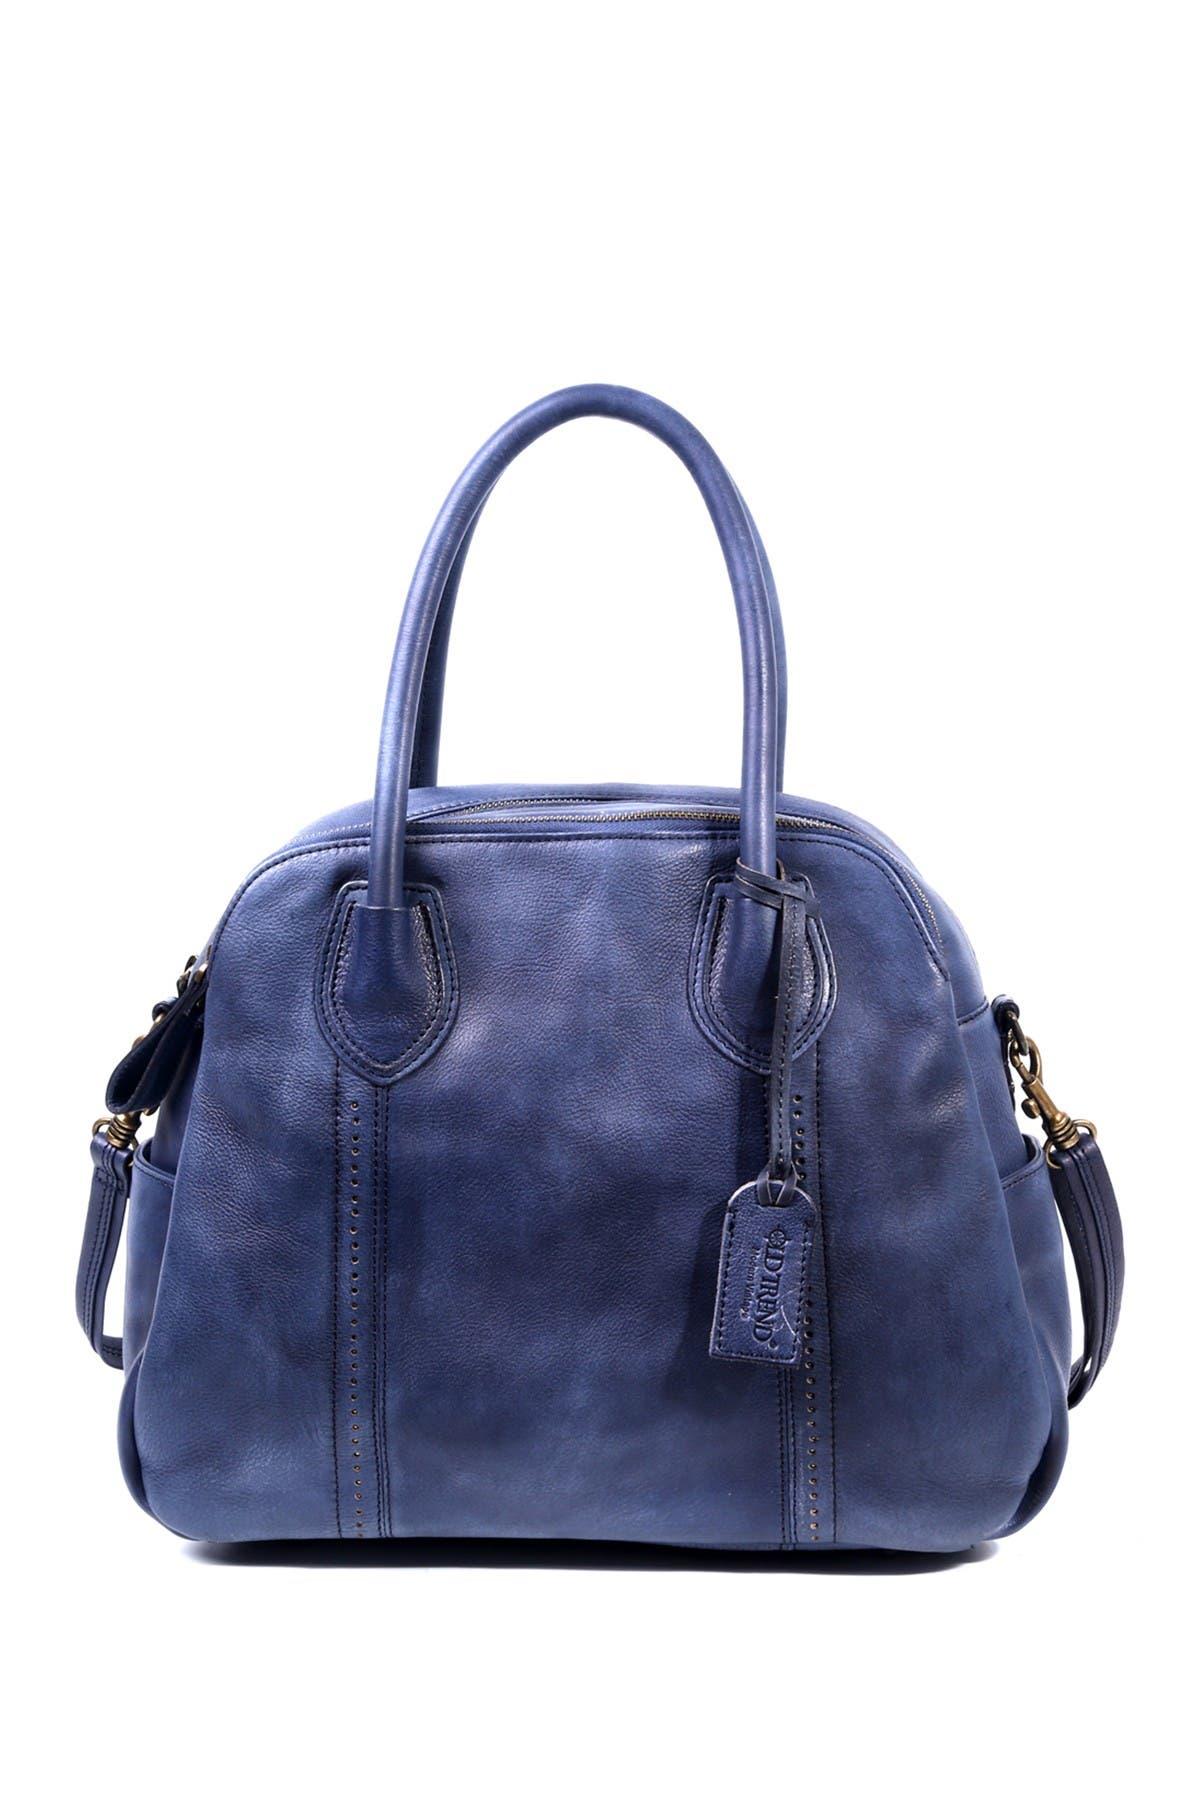 Image of Old Trend Vintage Leather Hobo Bag